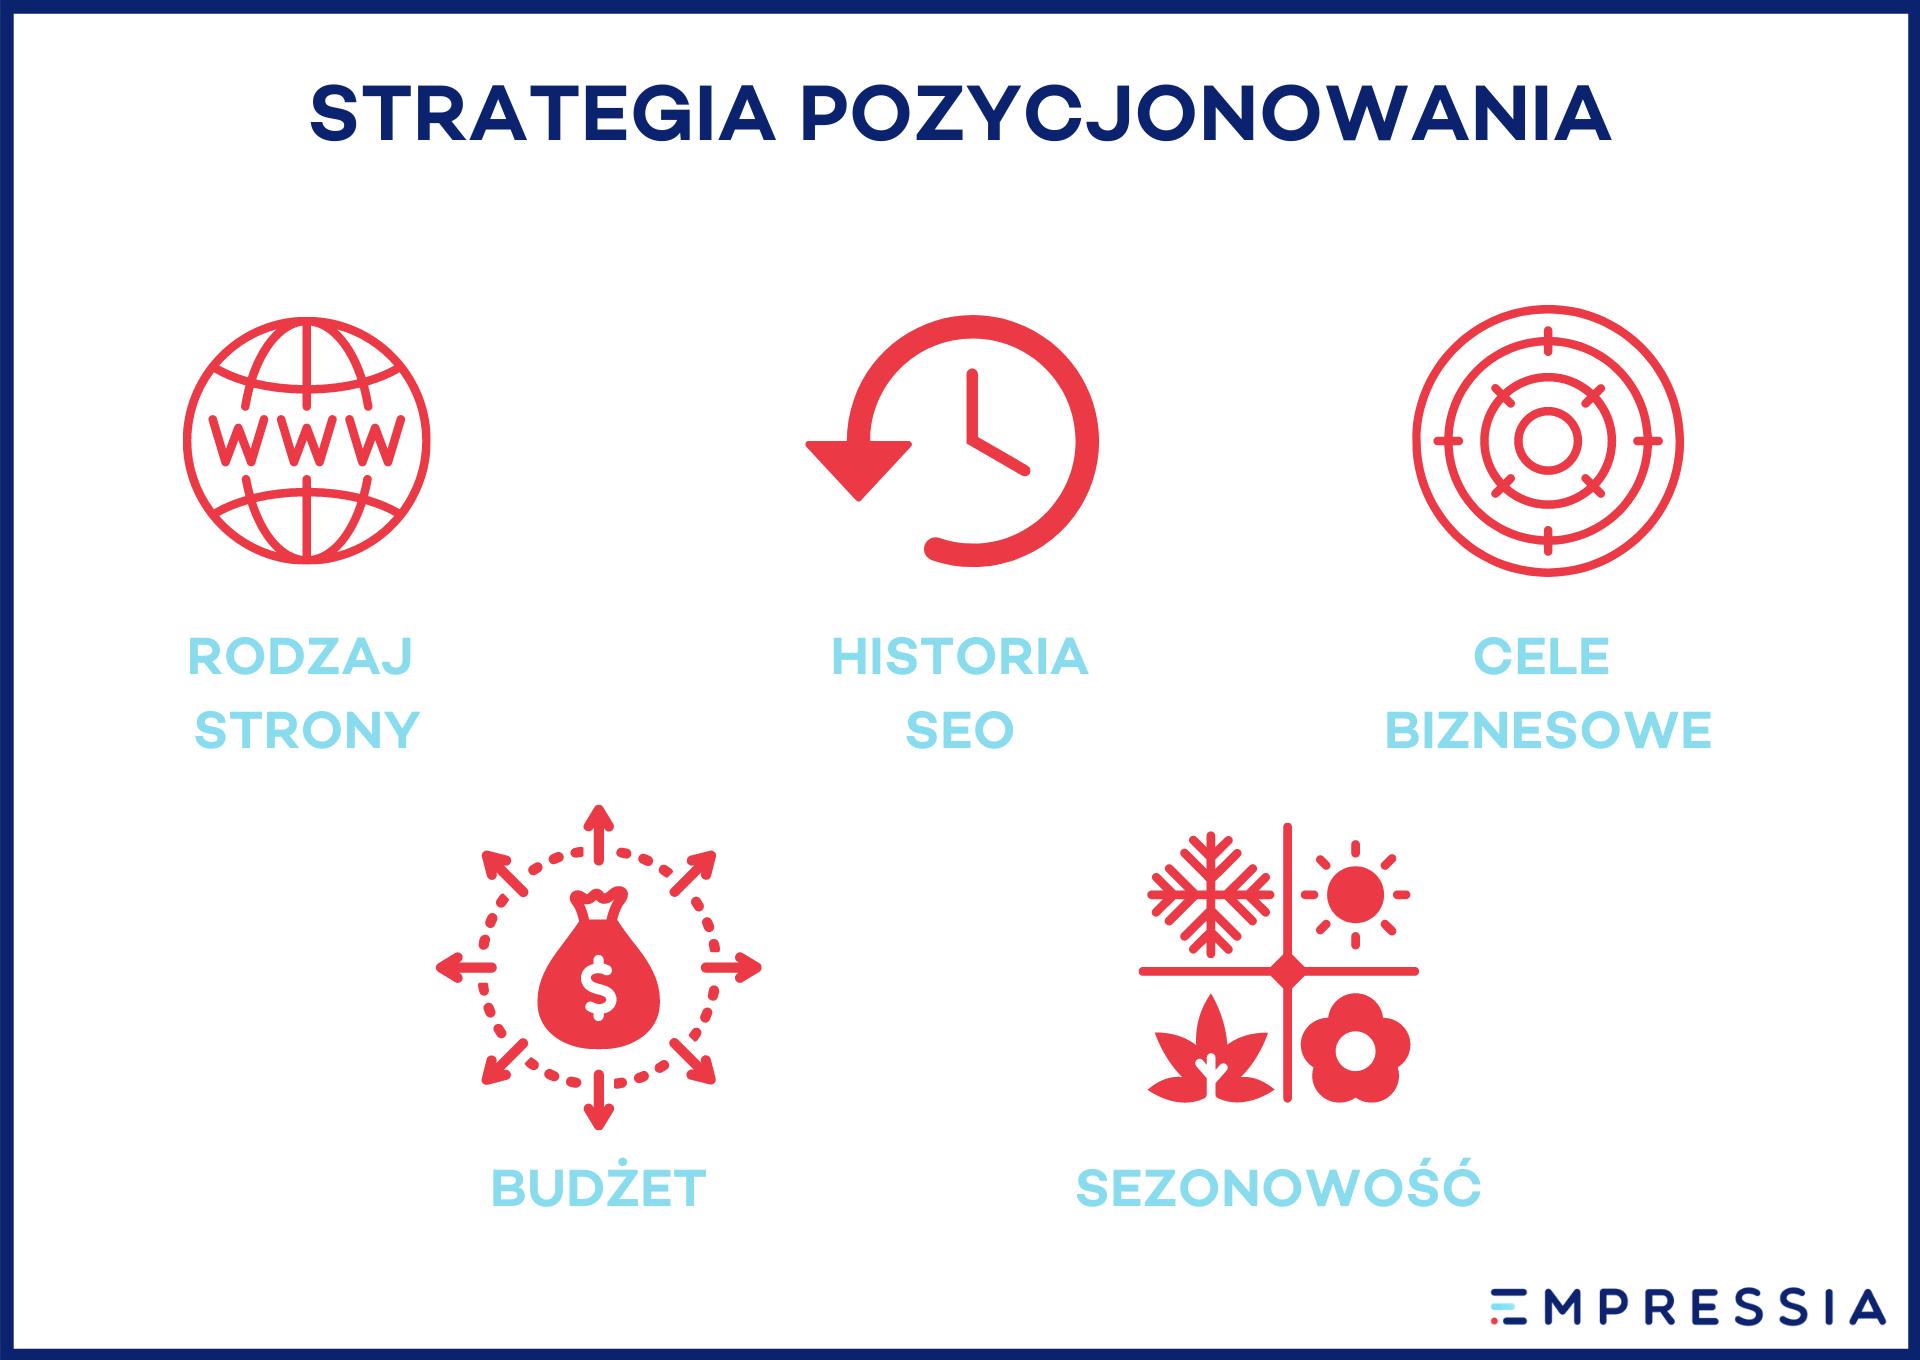 strategia pozycjonowania